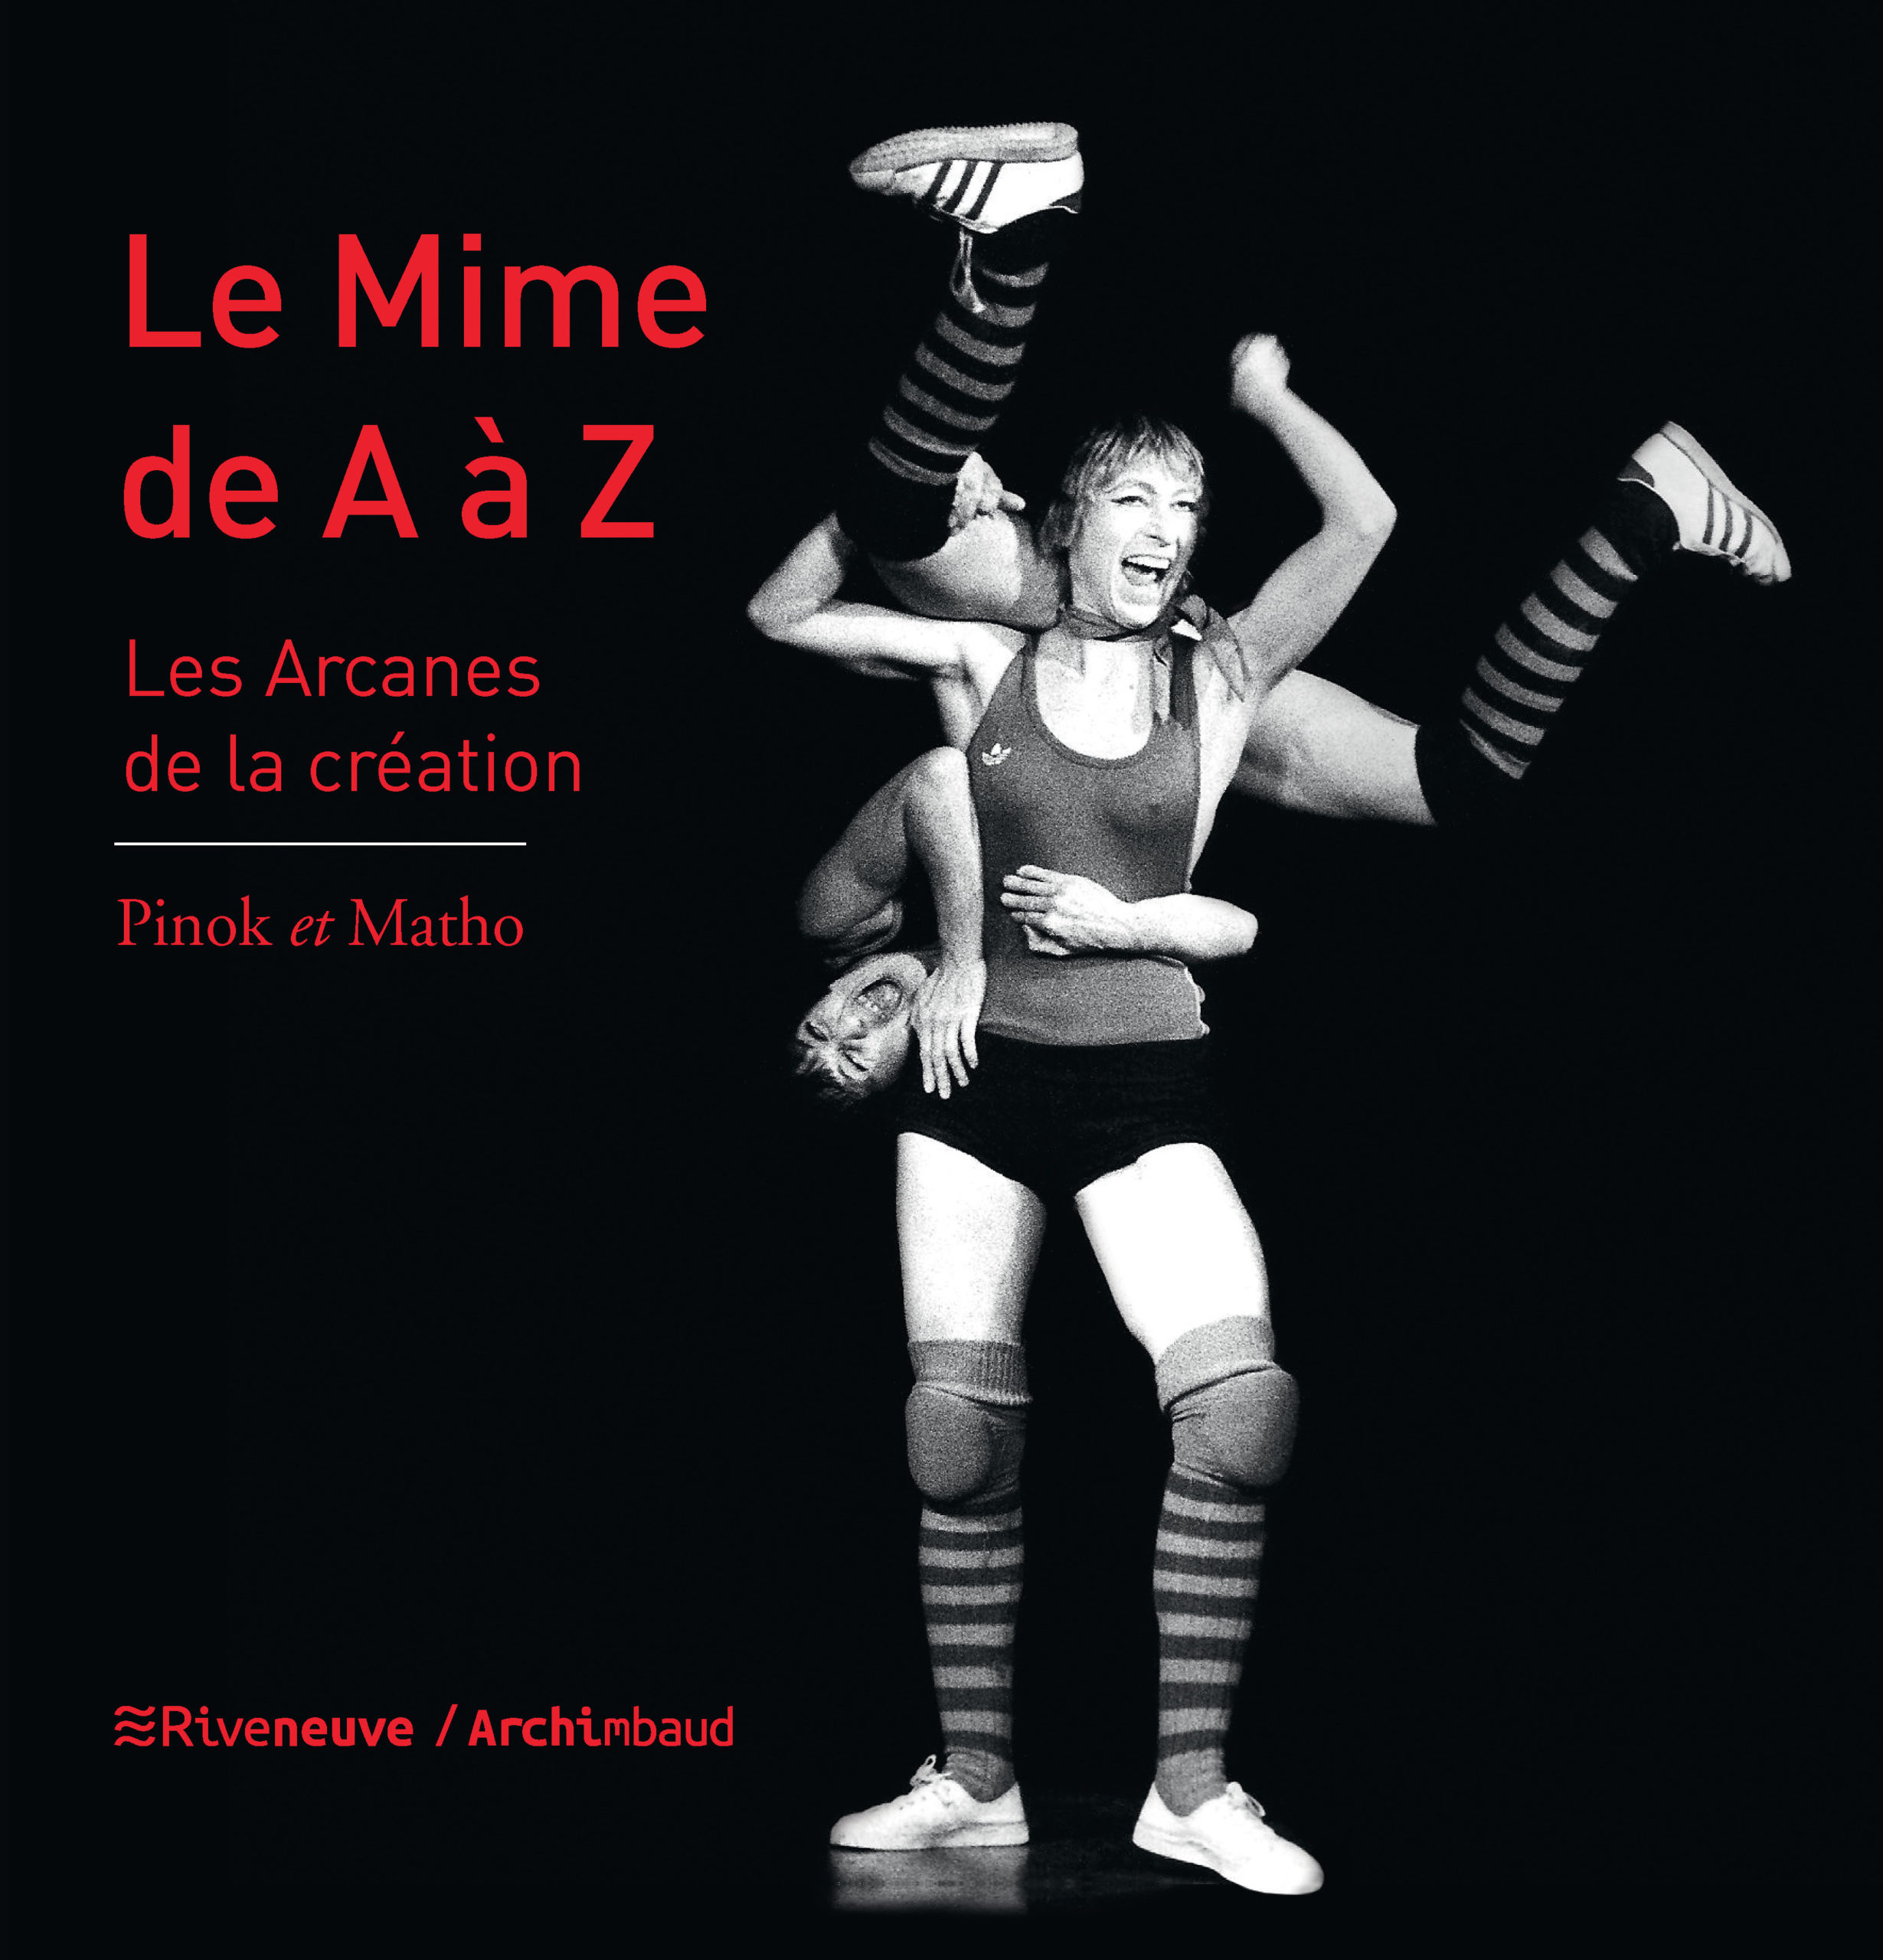 Le mime de A à Z, les arcanes de la création